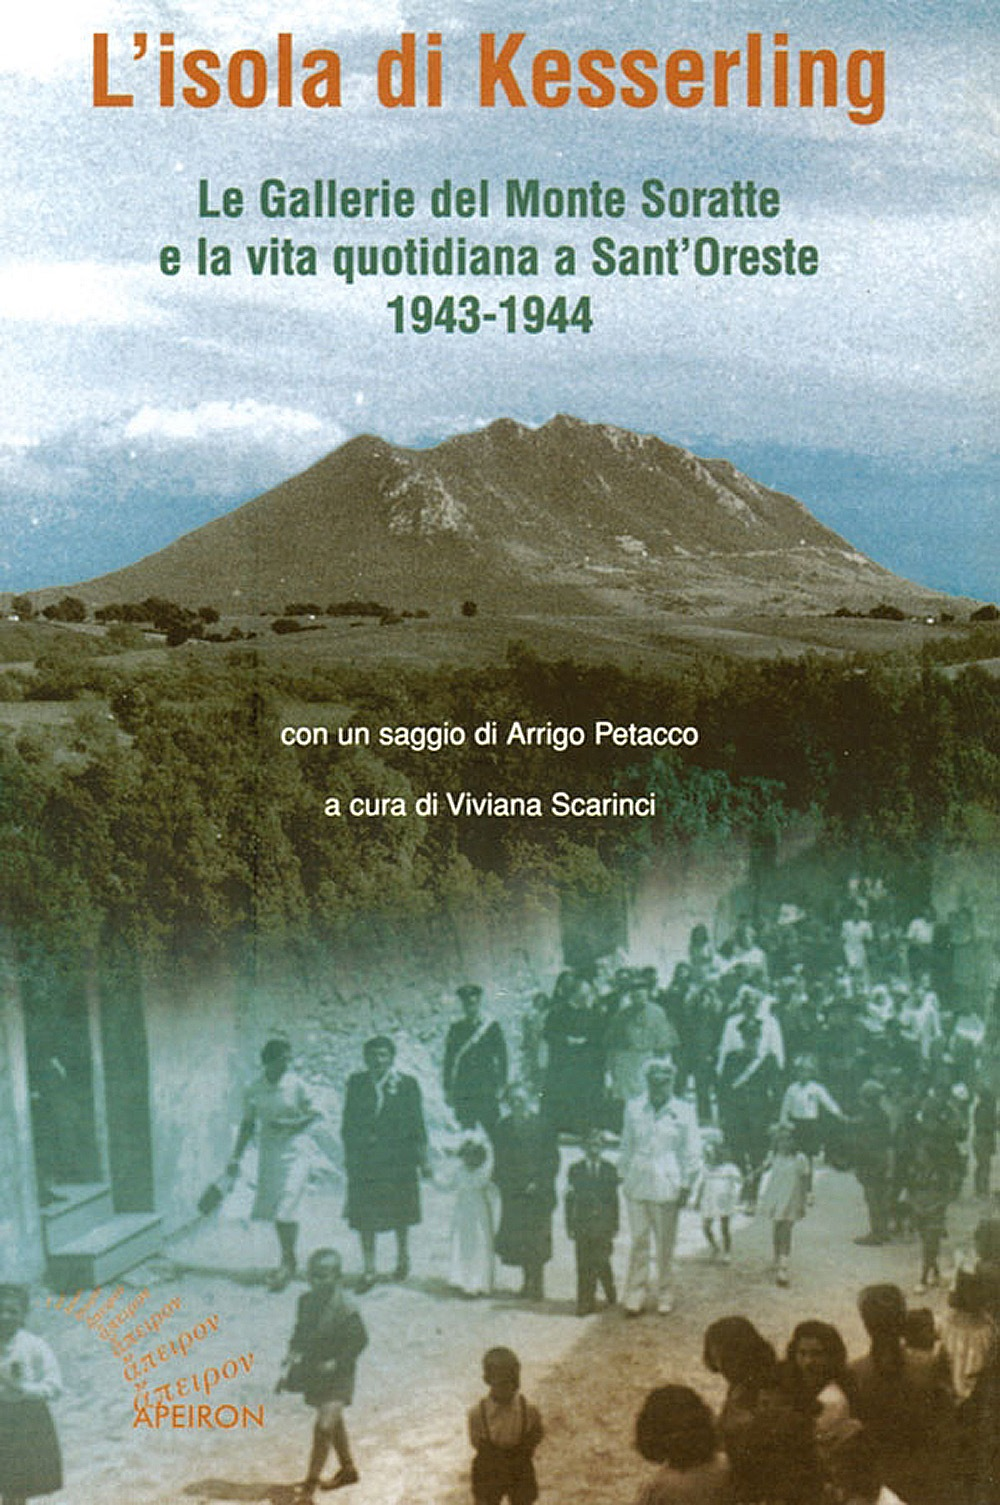 L'isola di Kesselring. Le Gallerie del Monte Soratte e la vita quotidiana a Sant'Oreste 1943-1944